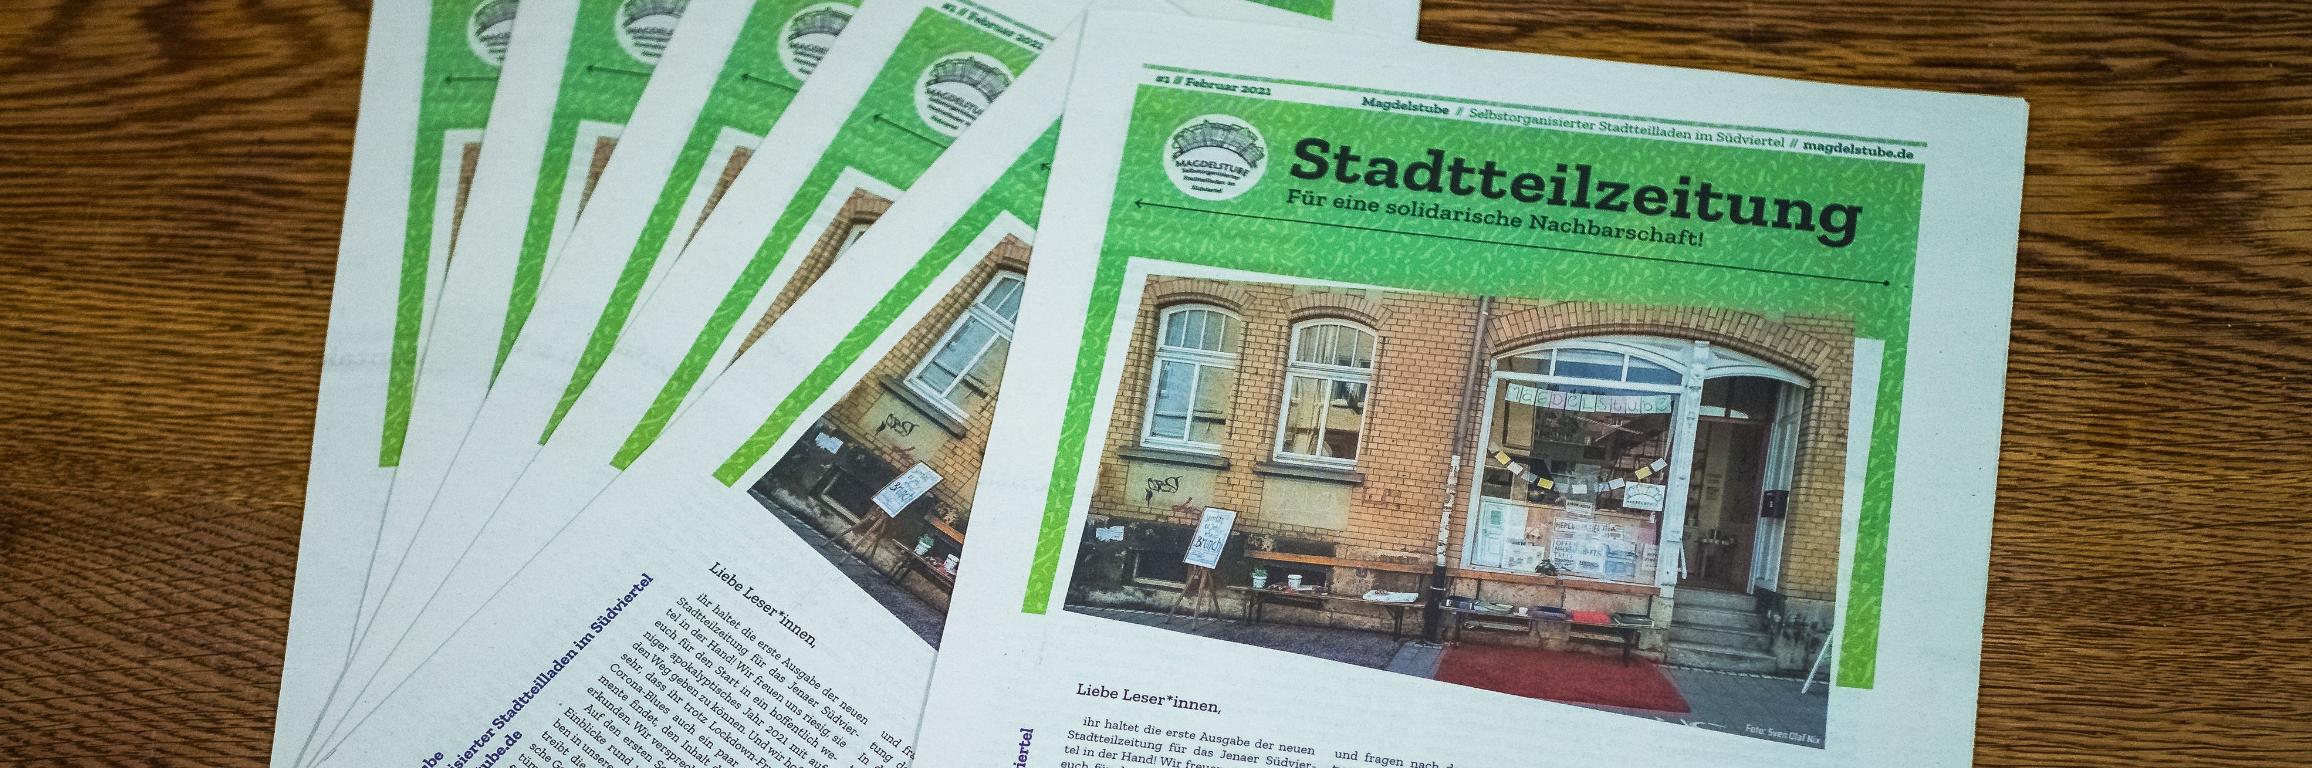 Mehrere Ausgaben der Stadtteilzeitung Nr.1 auf dem Tisch in der Magdelstube